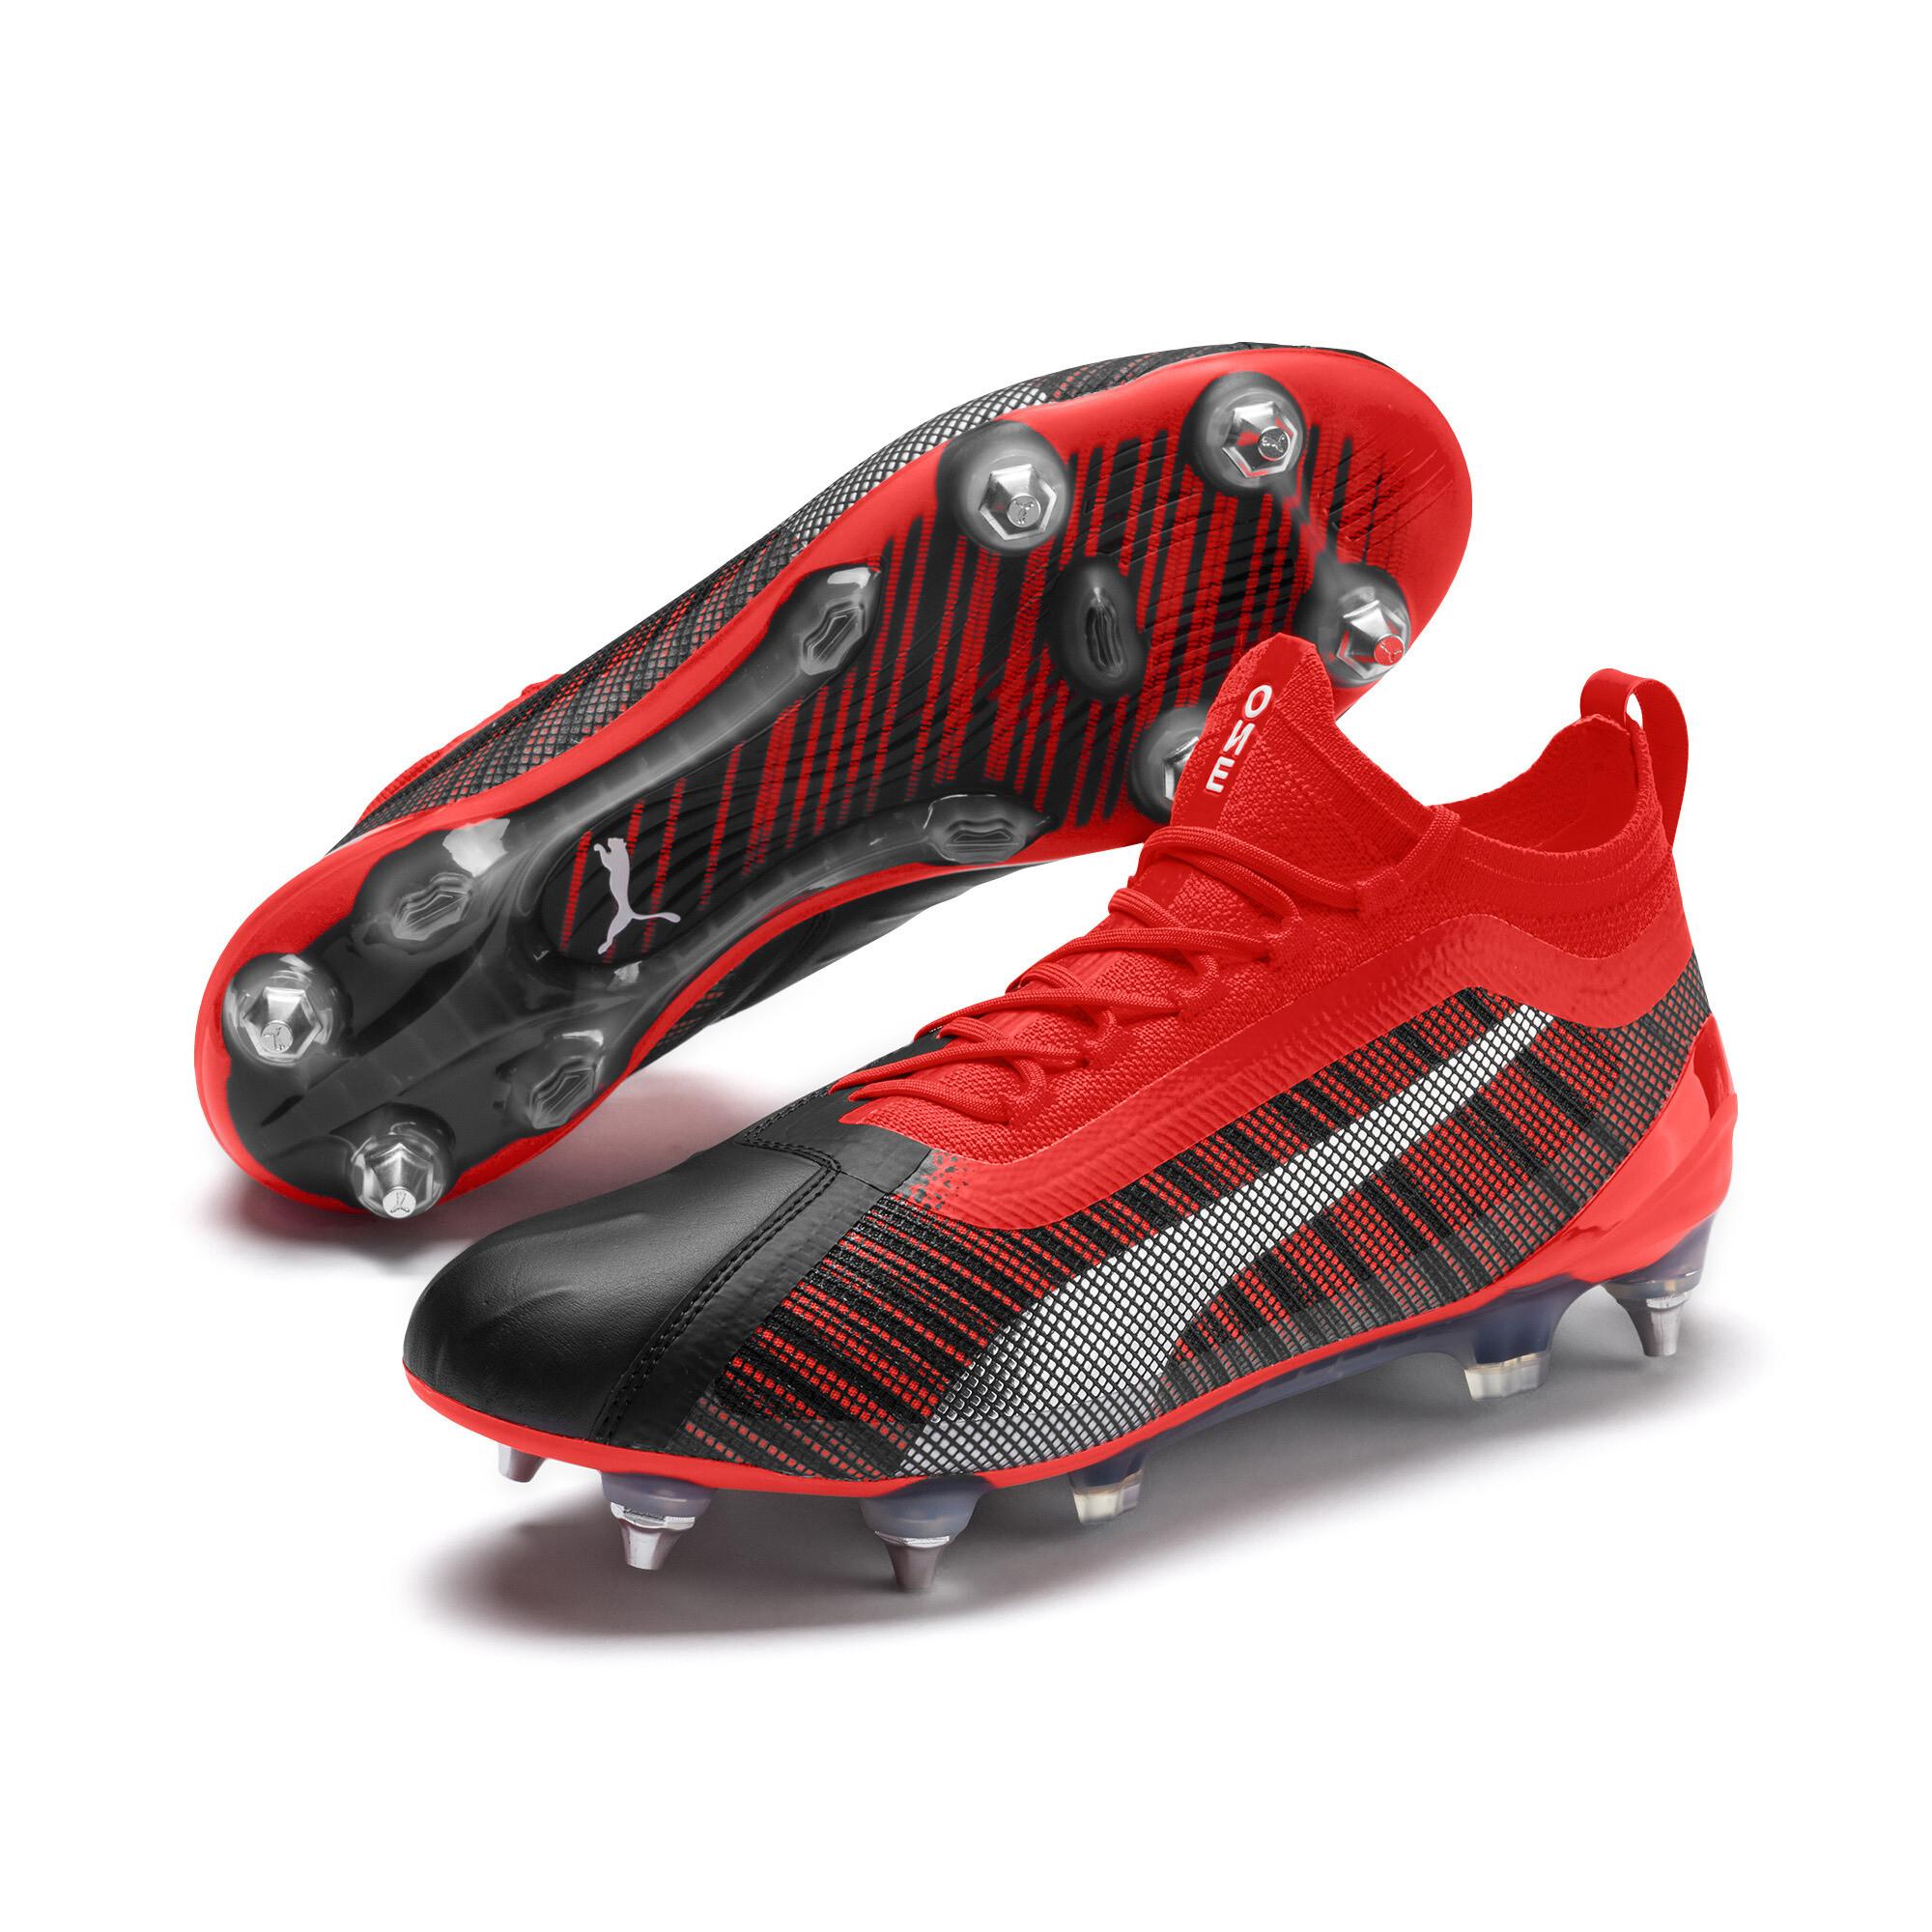 <プーマ公式通販> プーマ ワン 5.1 MX SG サッカースパイク ユニセックス Black-Nrgy Red-Aged Silver <2019秋冬コレクション>